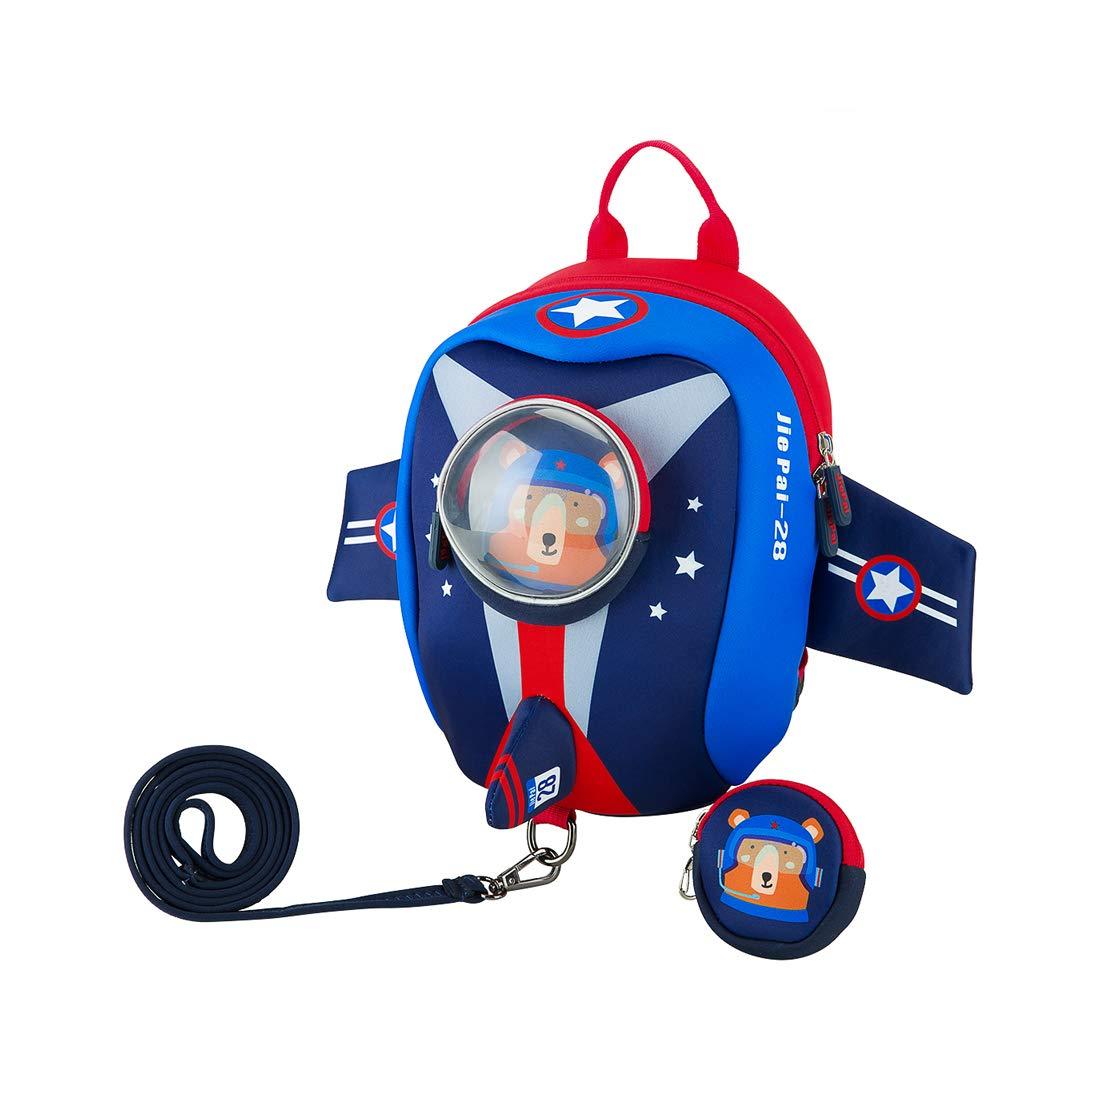 JiePai Toddler Kids Backpack with Safety Harness Leash,Waterproof 3D Cartoon Cute Travel/Nursery/Kindergarten/Preschool Backpack for Kids boys girls,Age 1-6 (Airplane-Pink)